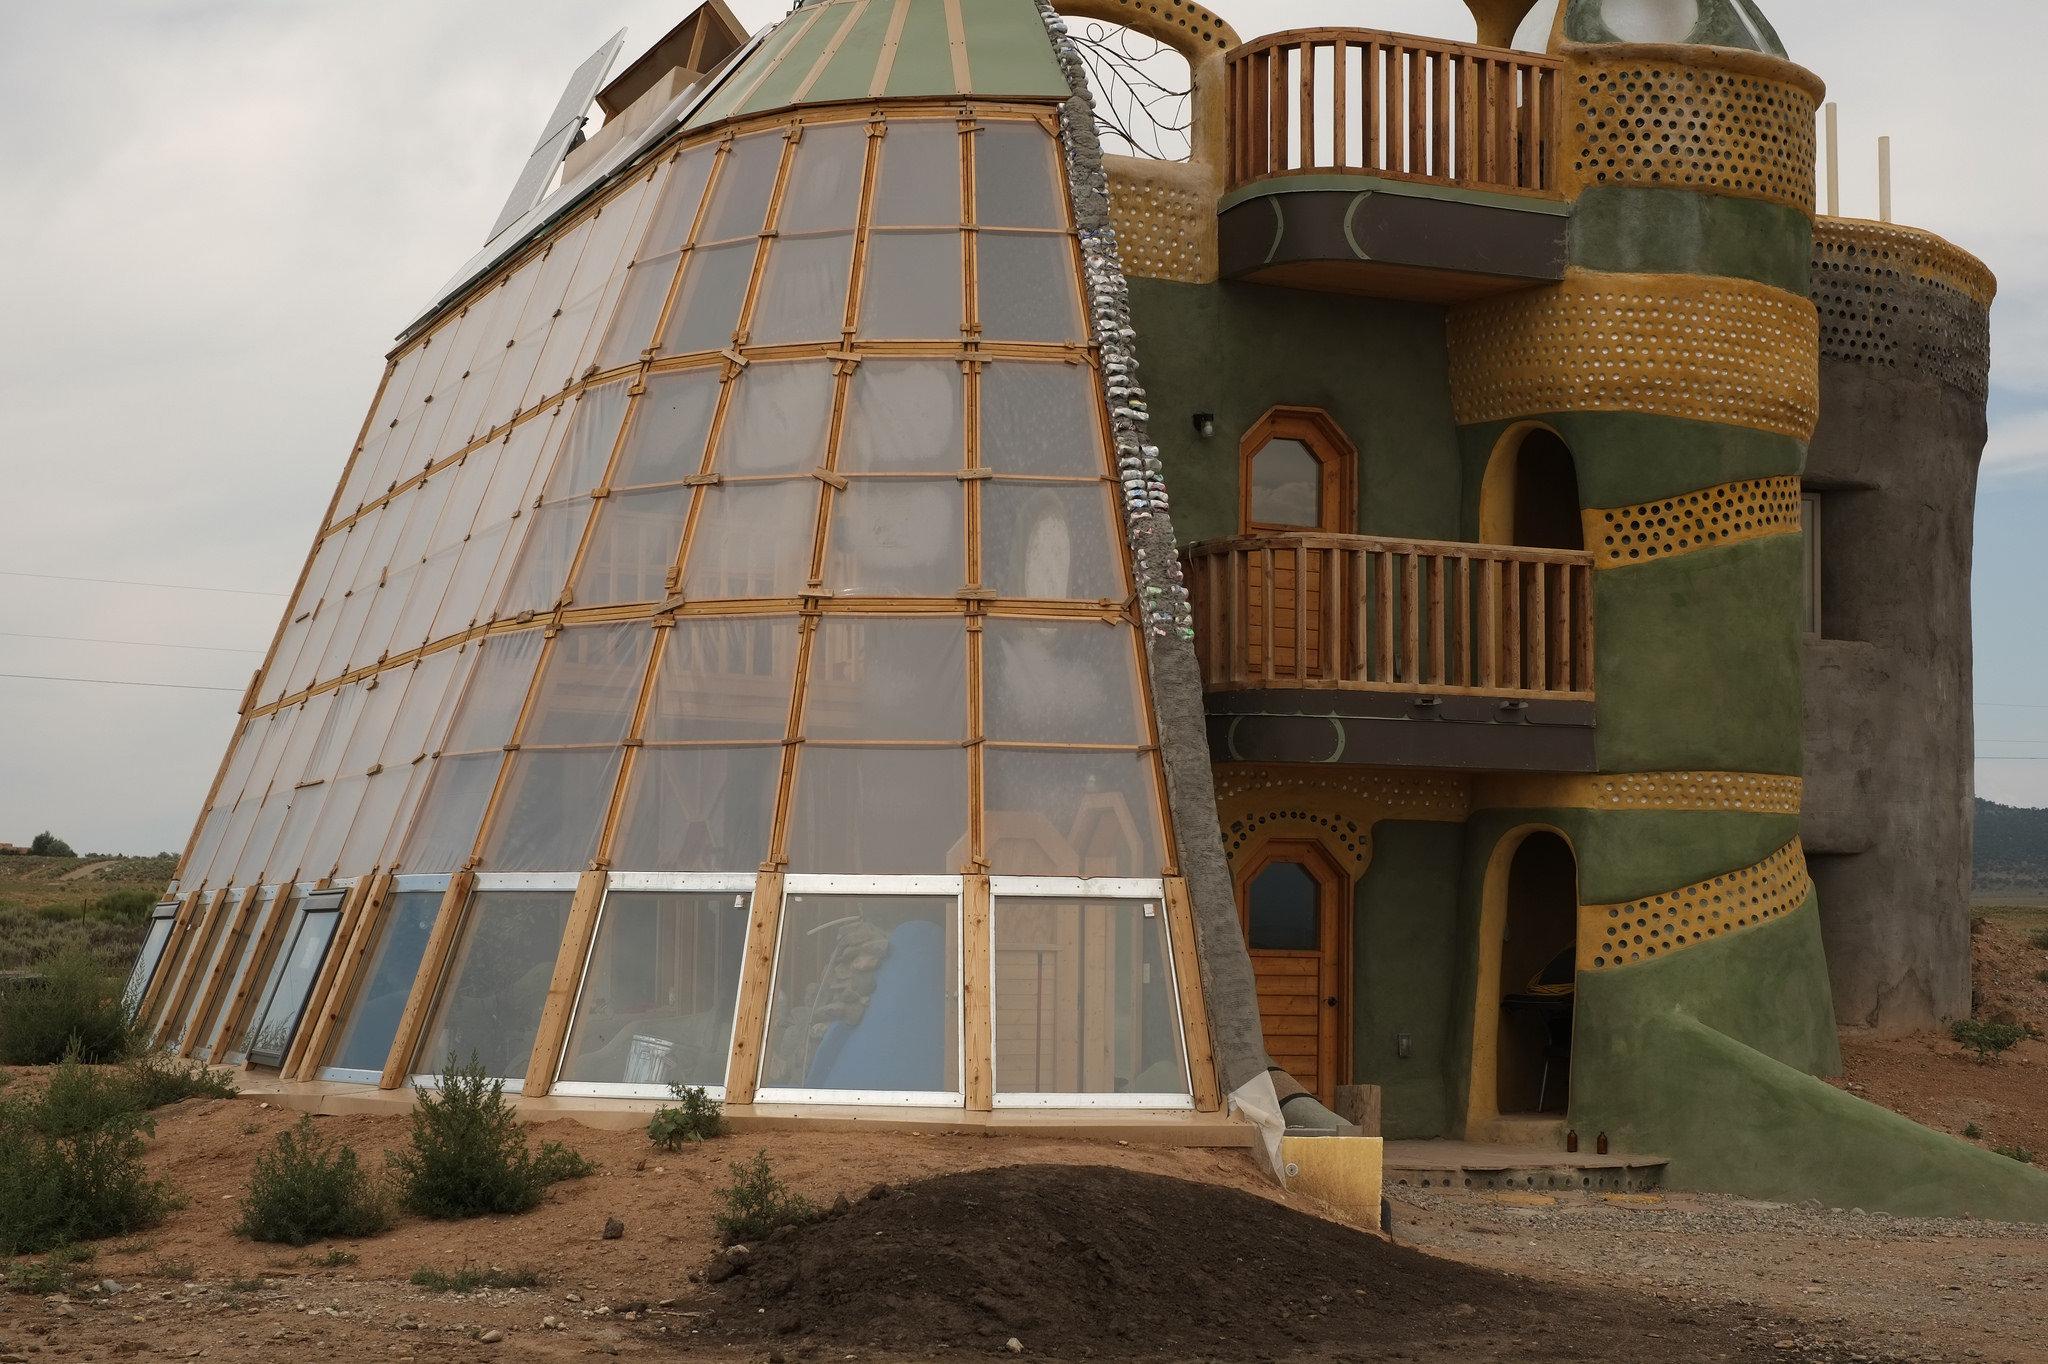 Дом из мусора от Майкла Рейнолдса в штате Нью-Мексико